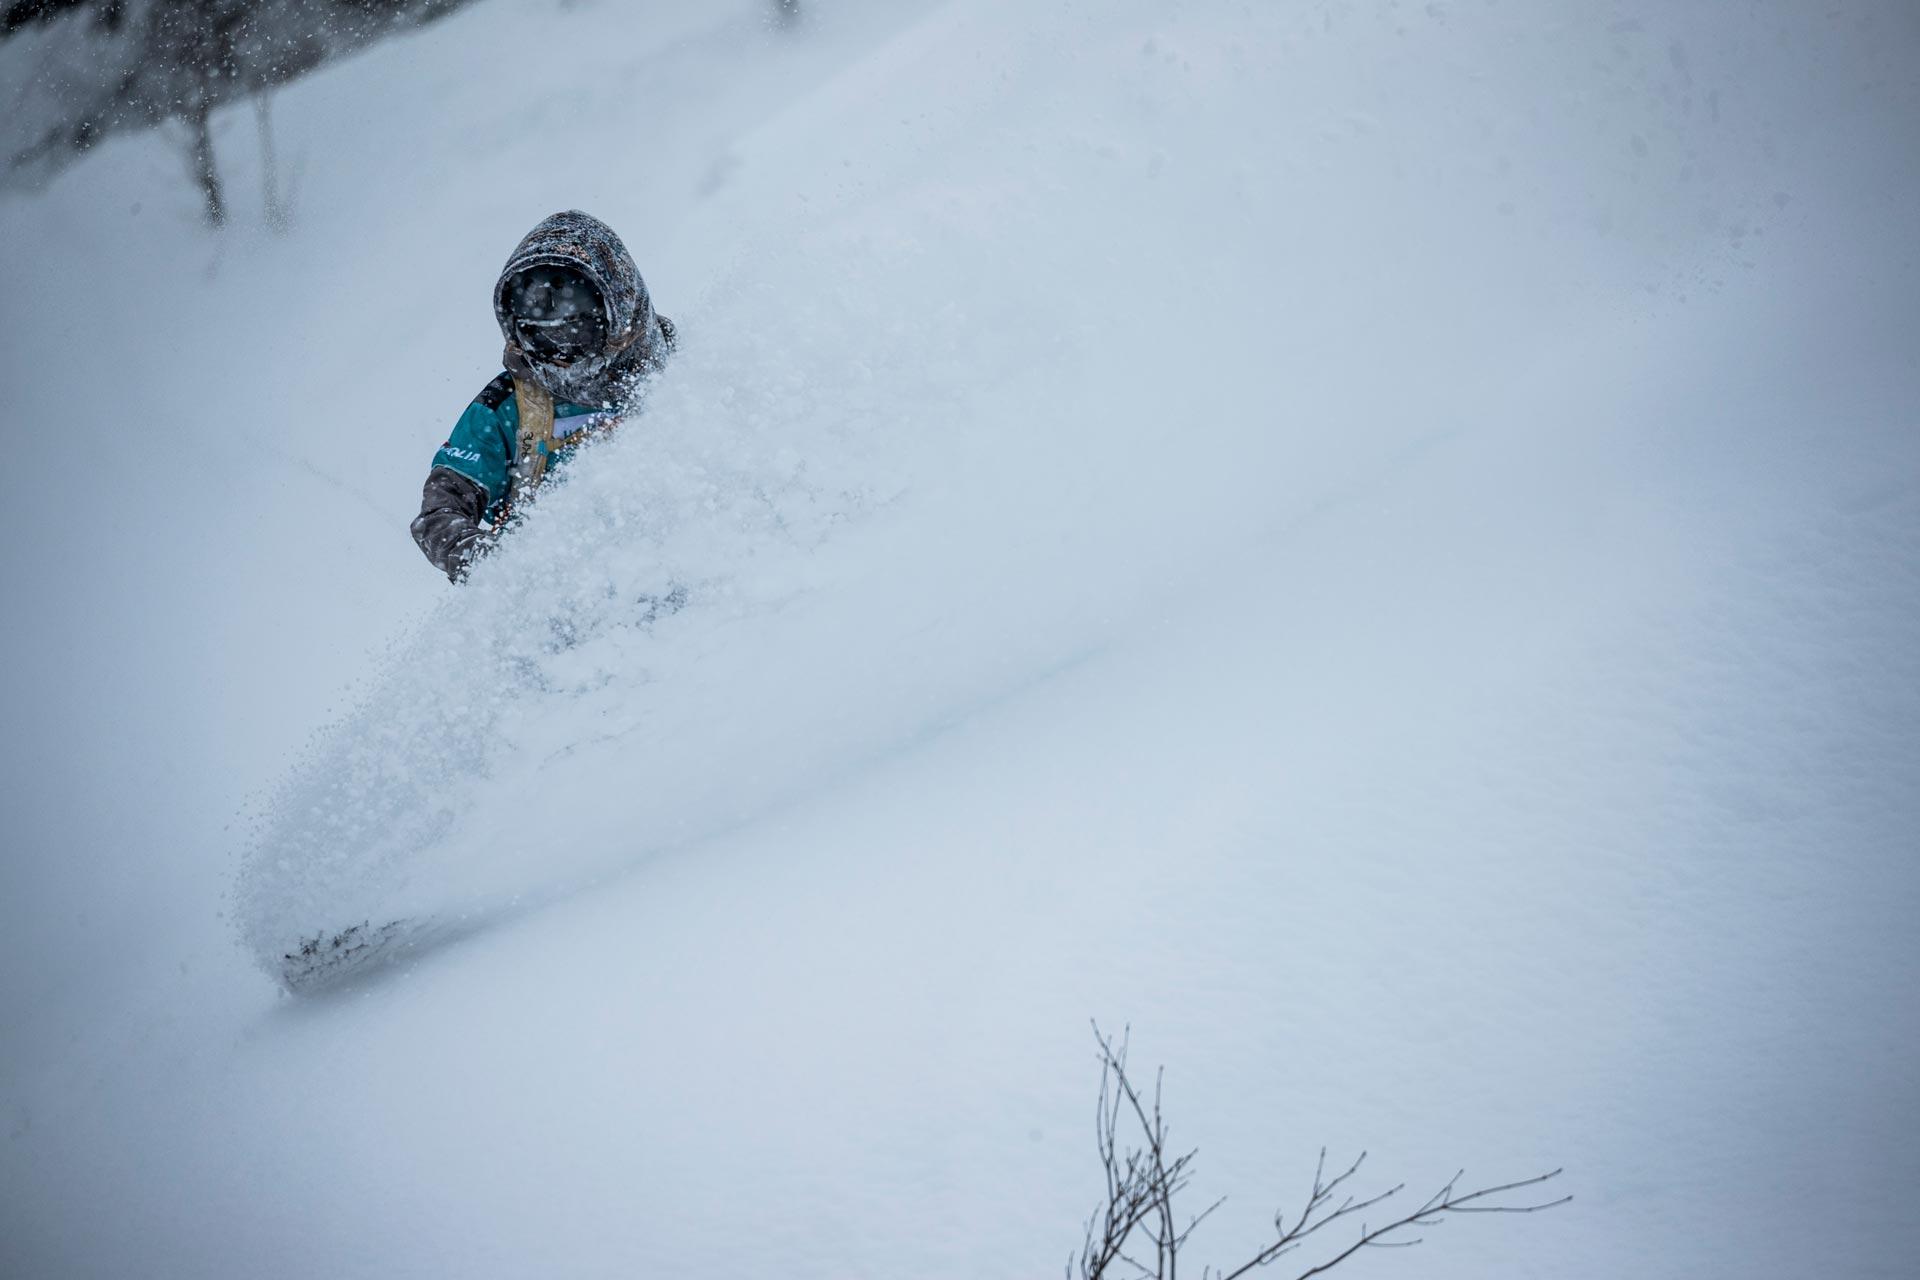 Schneeverhältnisse wie man es sich von Japan erwartet: Deep! - Foto: freerideworldtour.com / J. Bernard